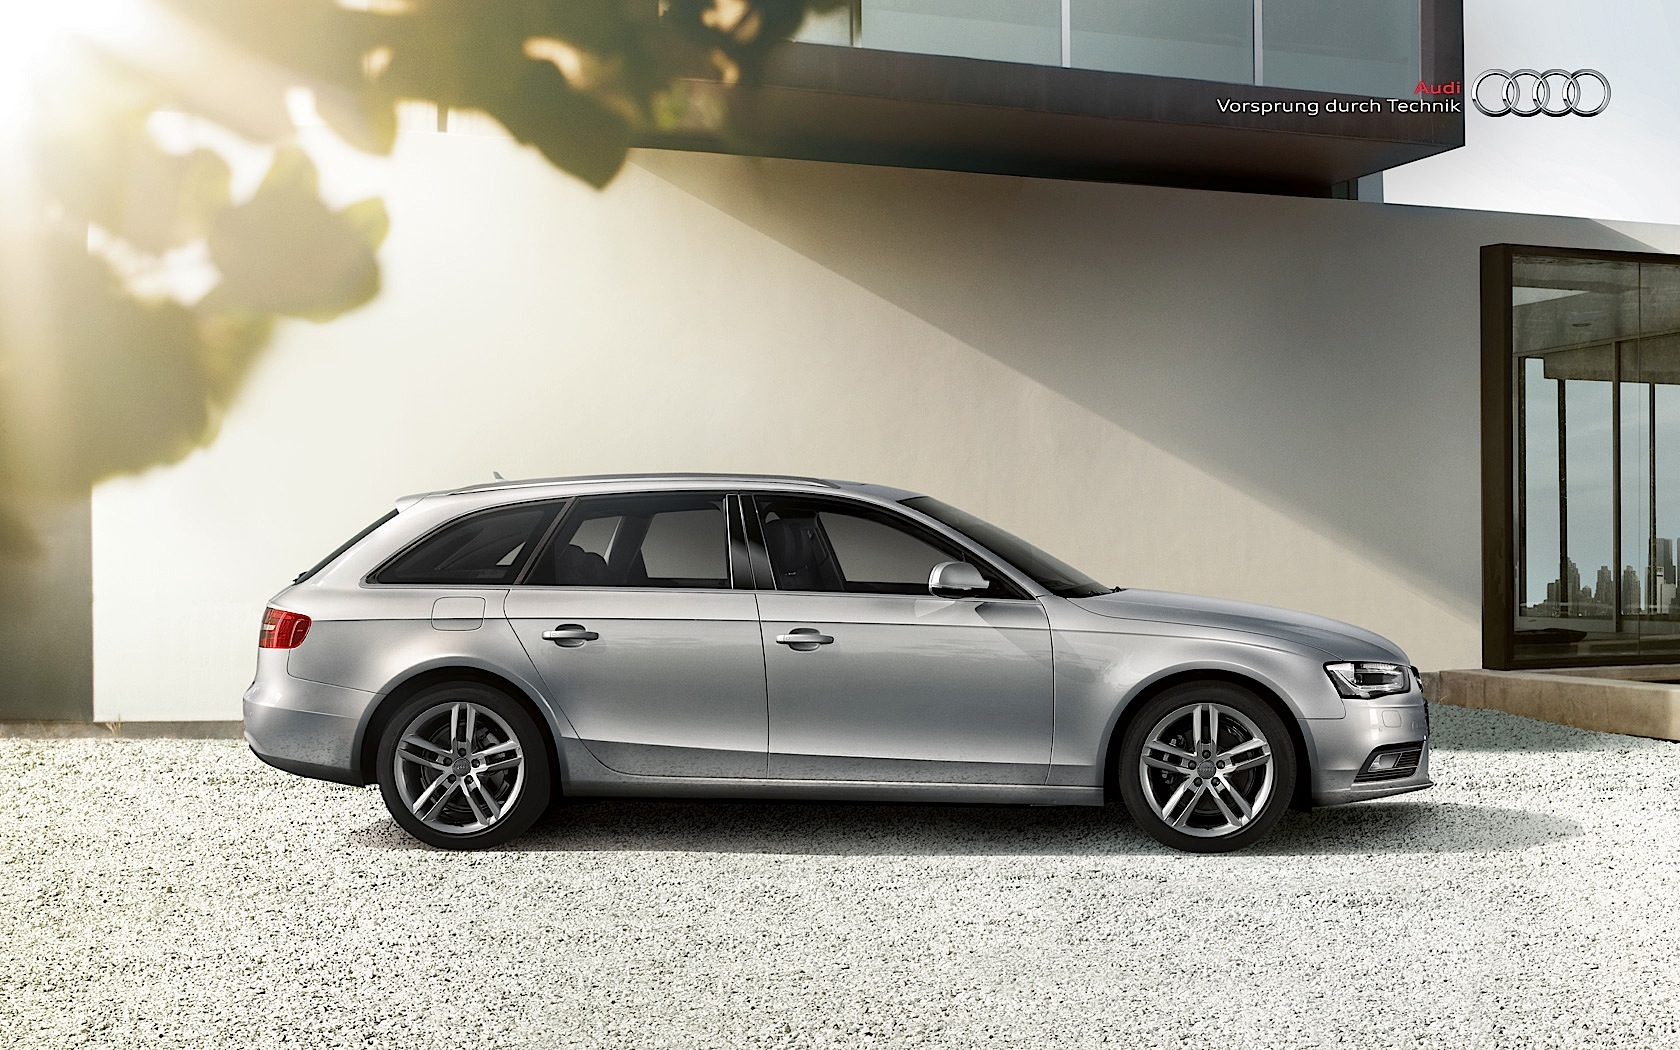 Kelebihan Kekurangan Audi Avant A4 Tangguh